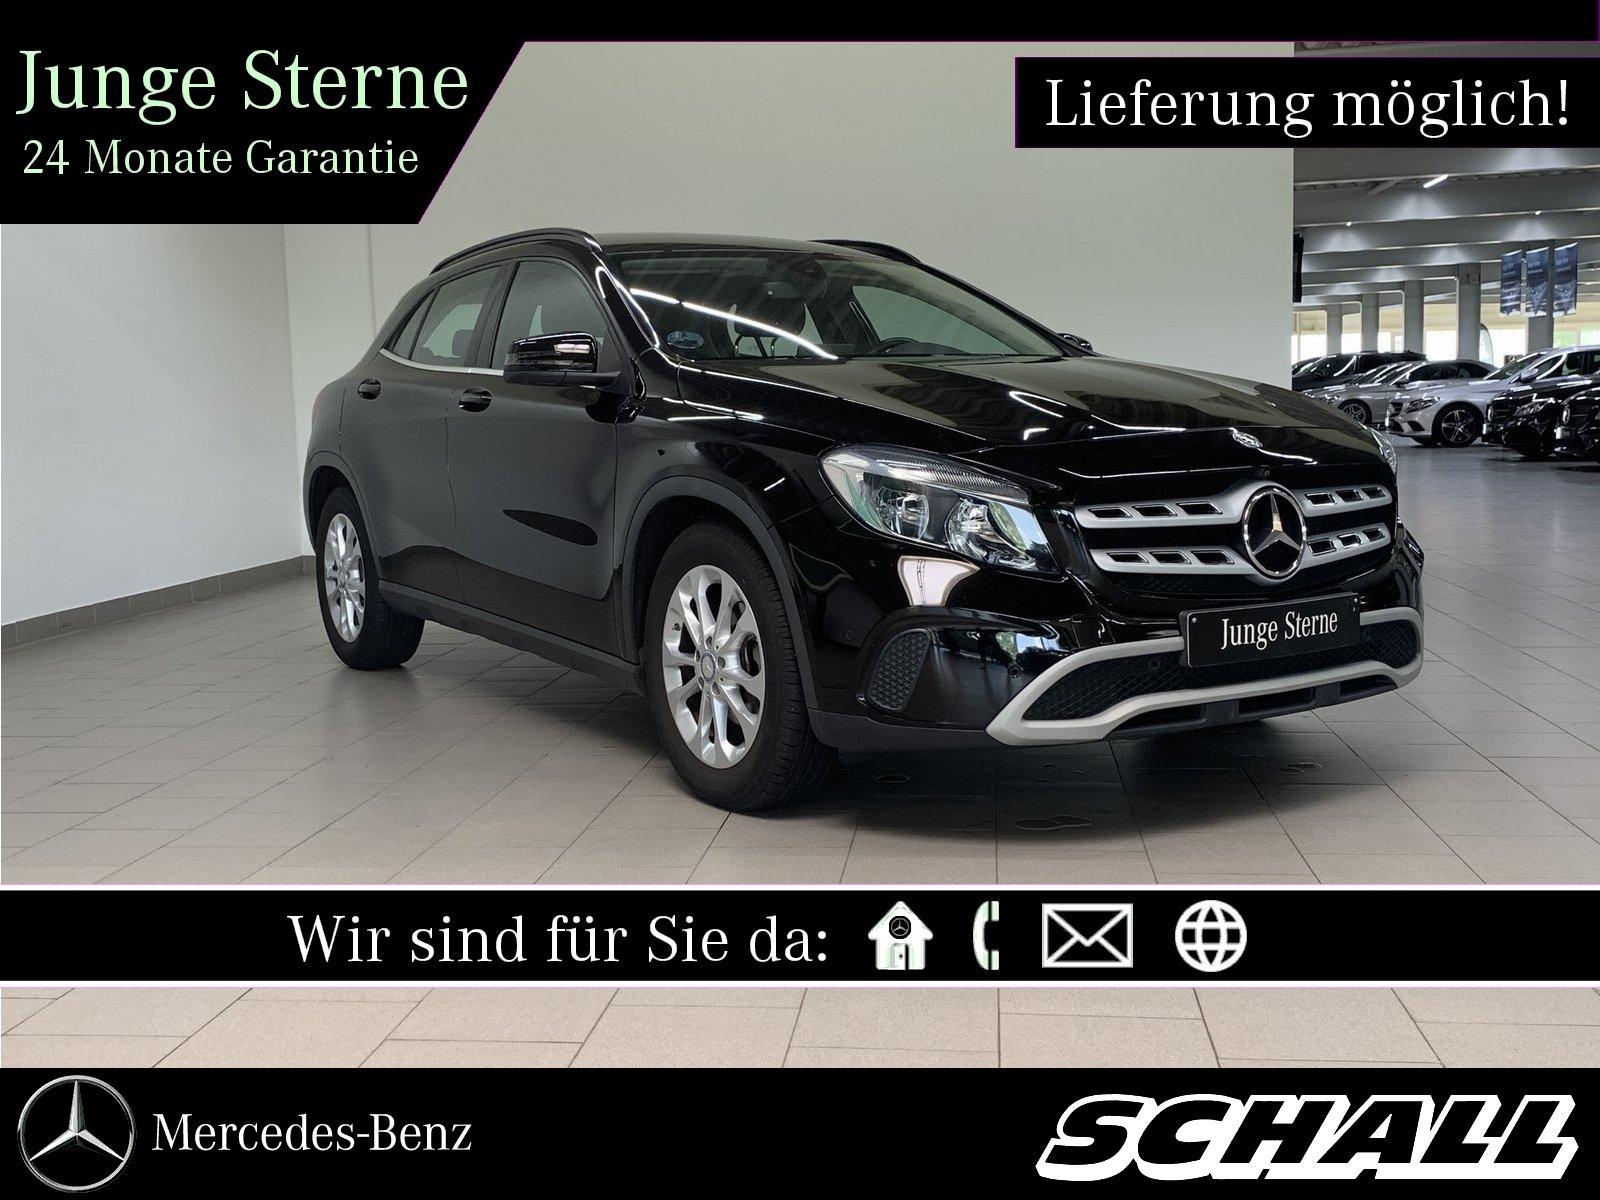 Mercedes-Benz GLA 180 d STYLE+NAVIGATION+360°-KAMERA+LEDER+17, Jahr 2018, Diesel